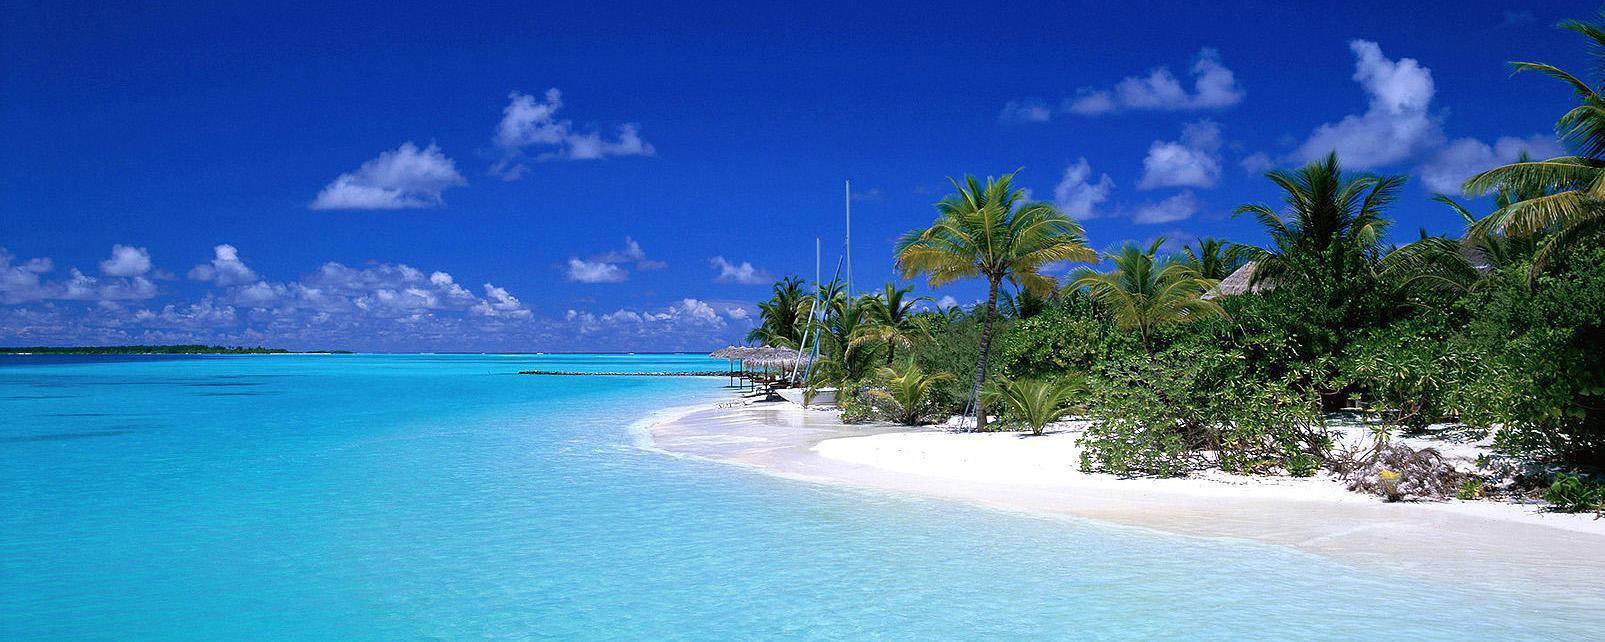 Océan Indien; Maldives; Atoll de Ari Nord;